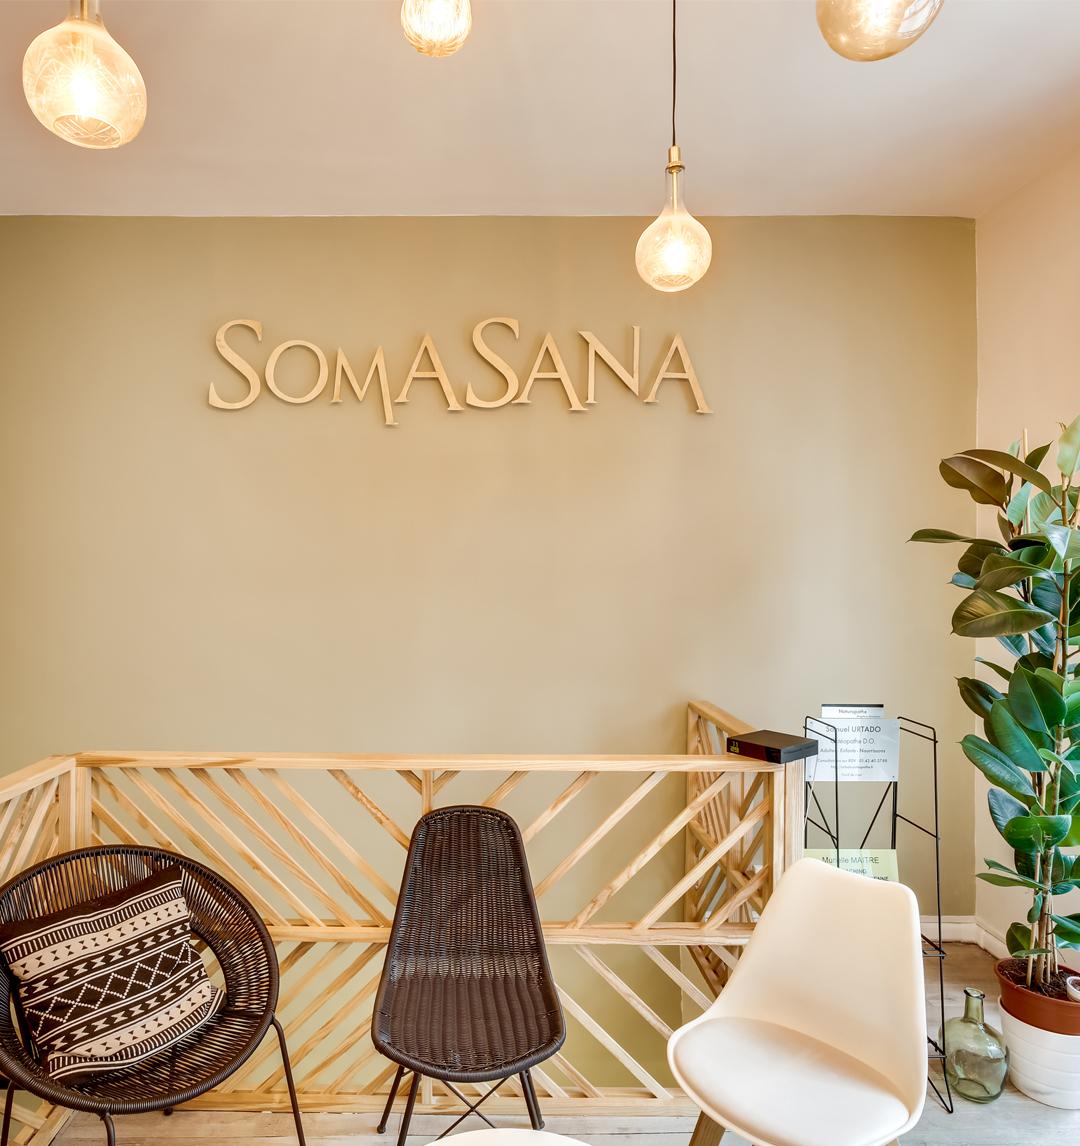 somasana-5.jpg